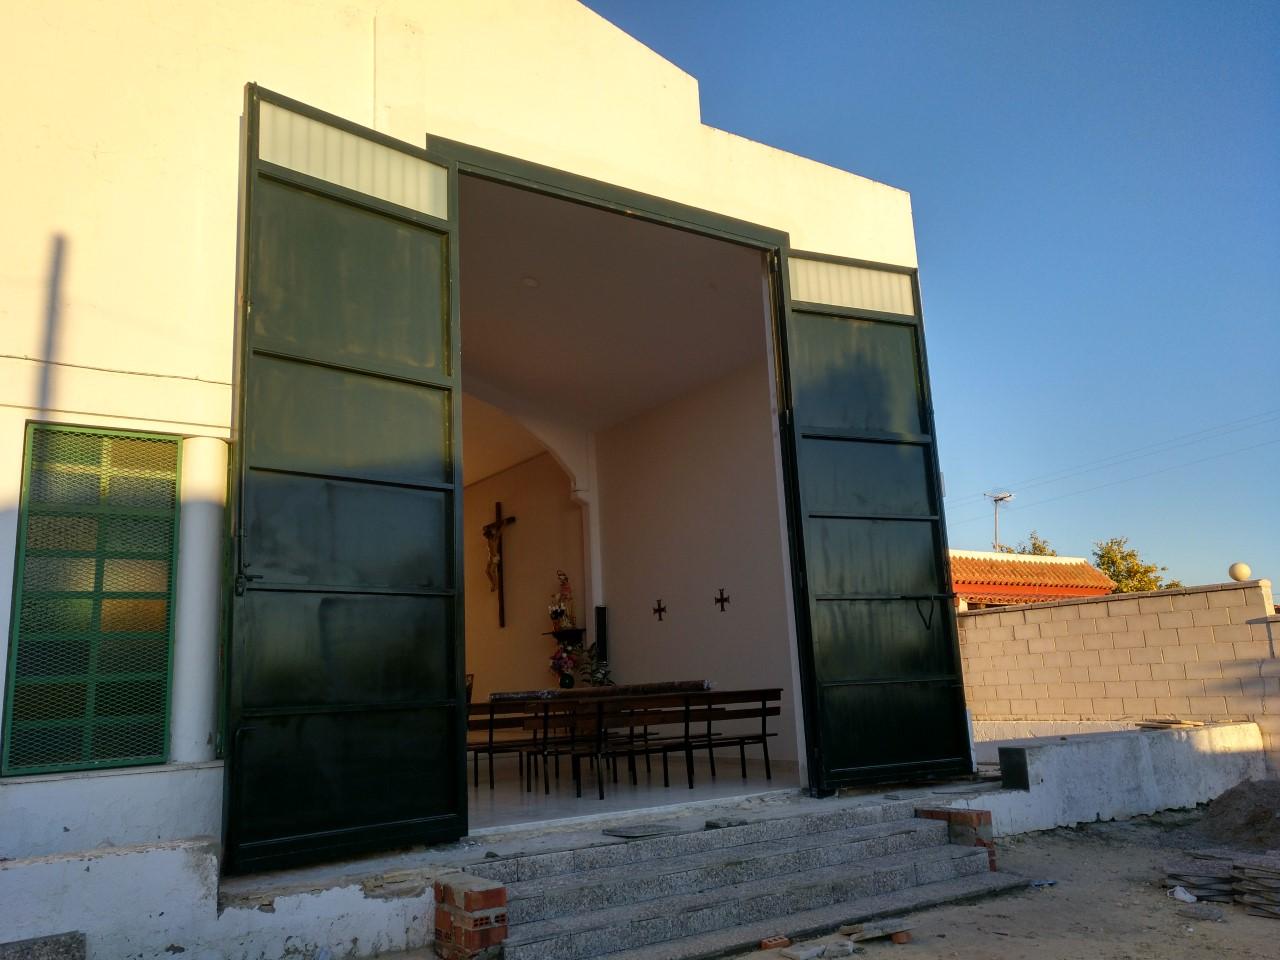 Nueva puerta en Cuartillos de cara a la próxima salida procesional del Señor de la Paz